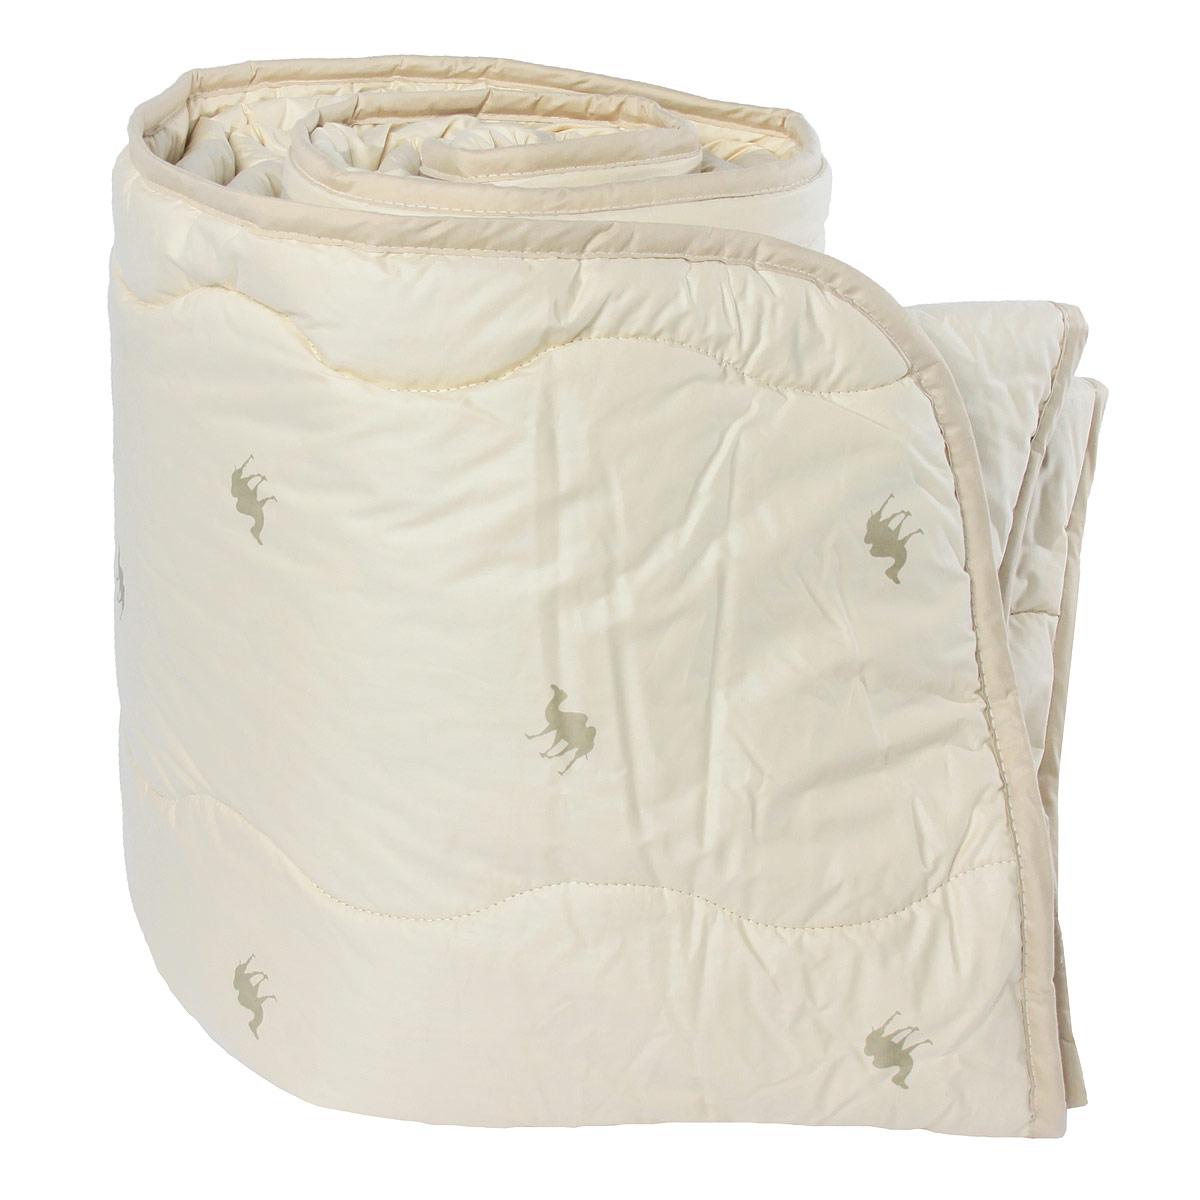 Одеяло Verossa, наполнитель: верблюжья шерсть, 200 х 220 см